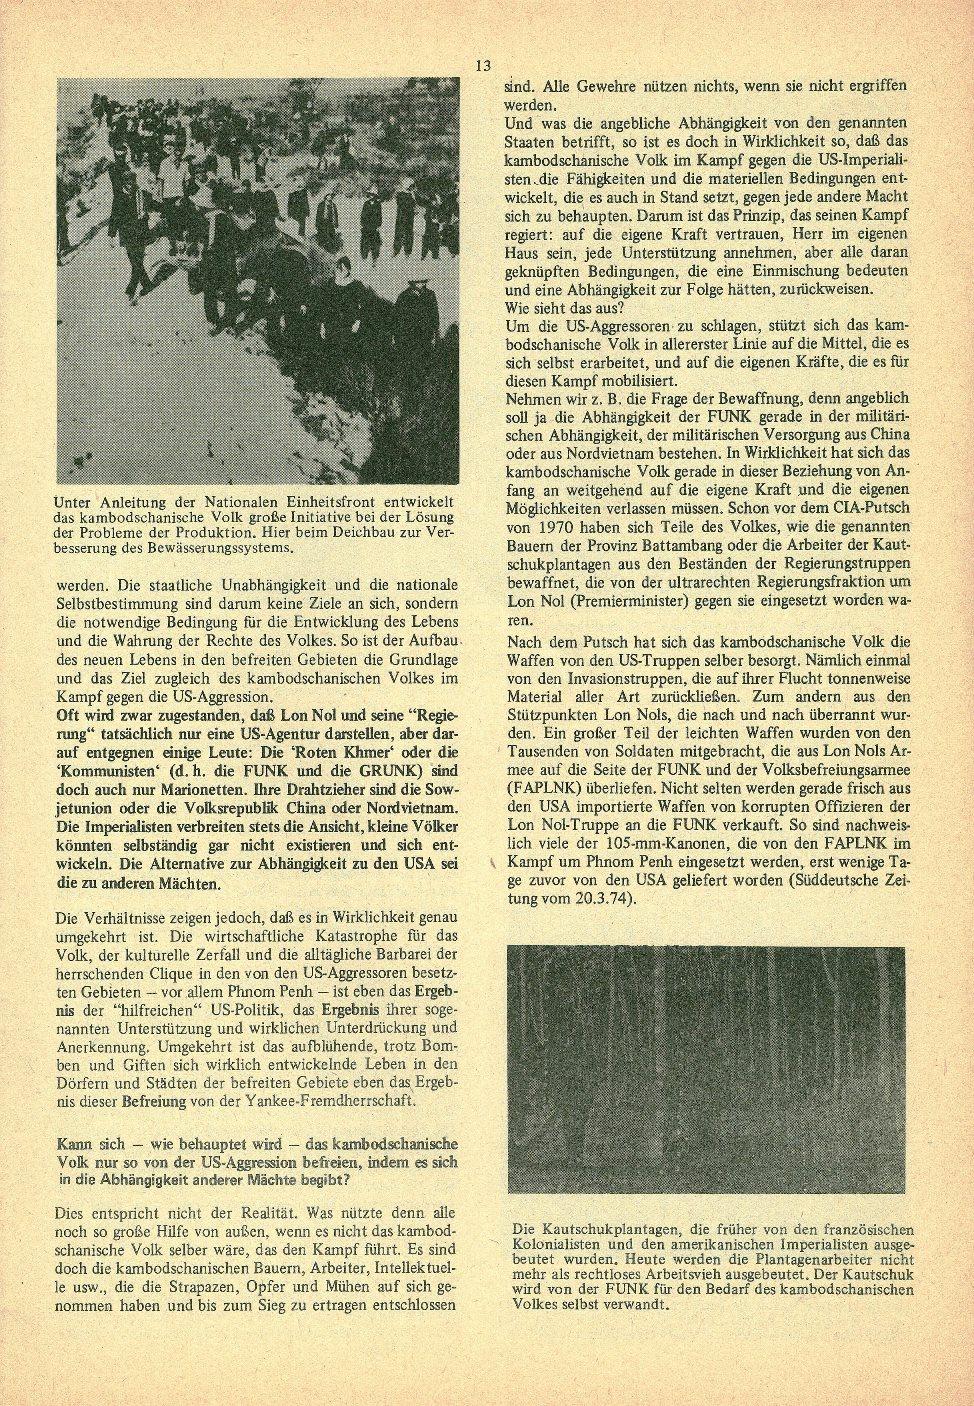 Kambodscha_1974_Das_Volk_besiegt_den_Imperialismus013